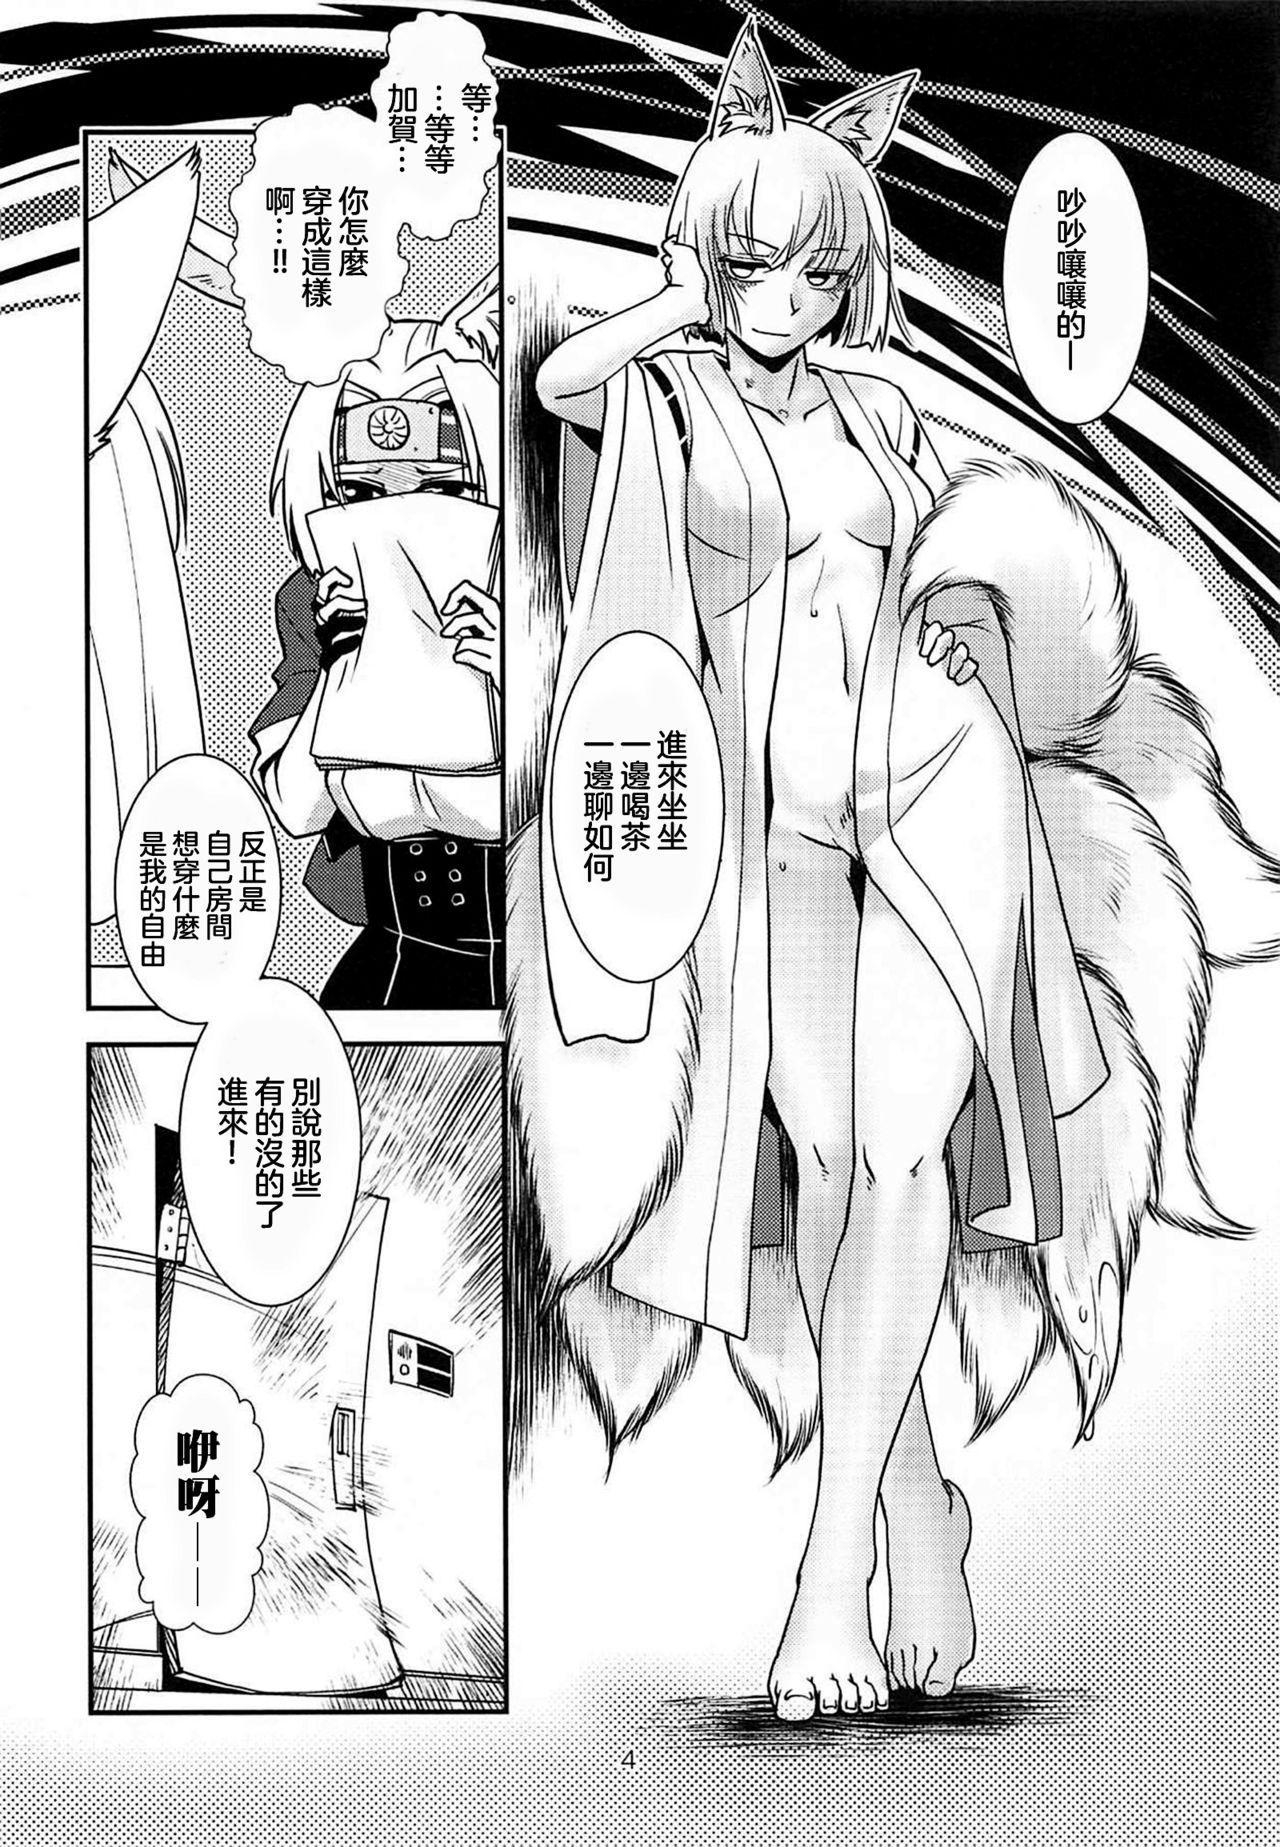 Kimi-tachi wa Hontou ni Ecchi da na!! 丨你們實在是太色情啦!! 5